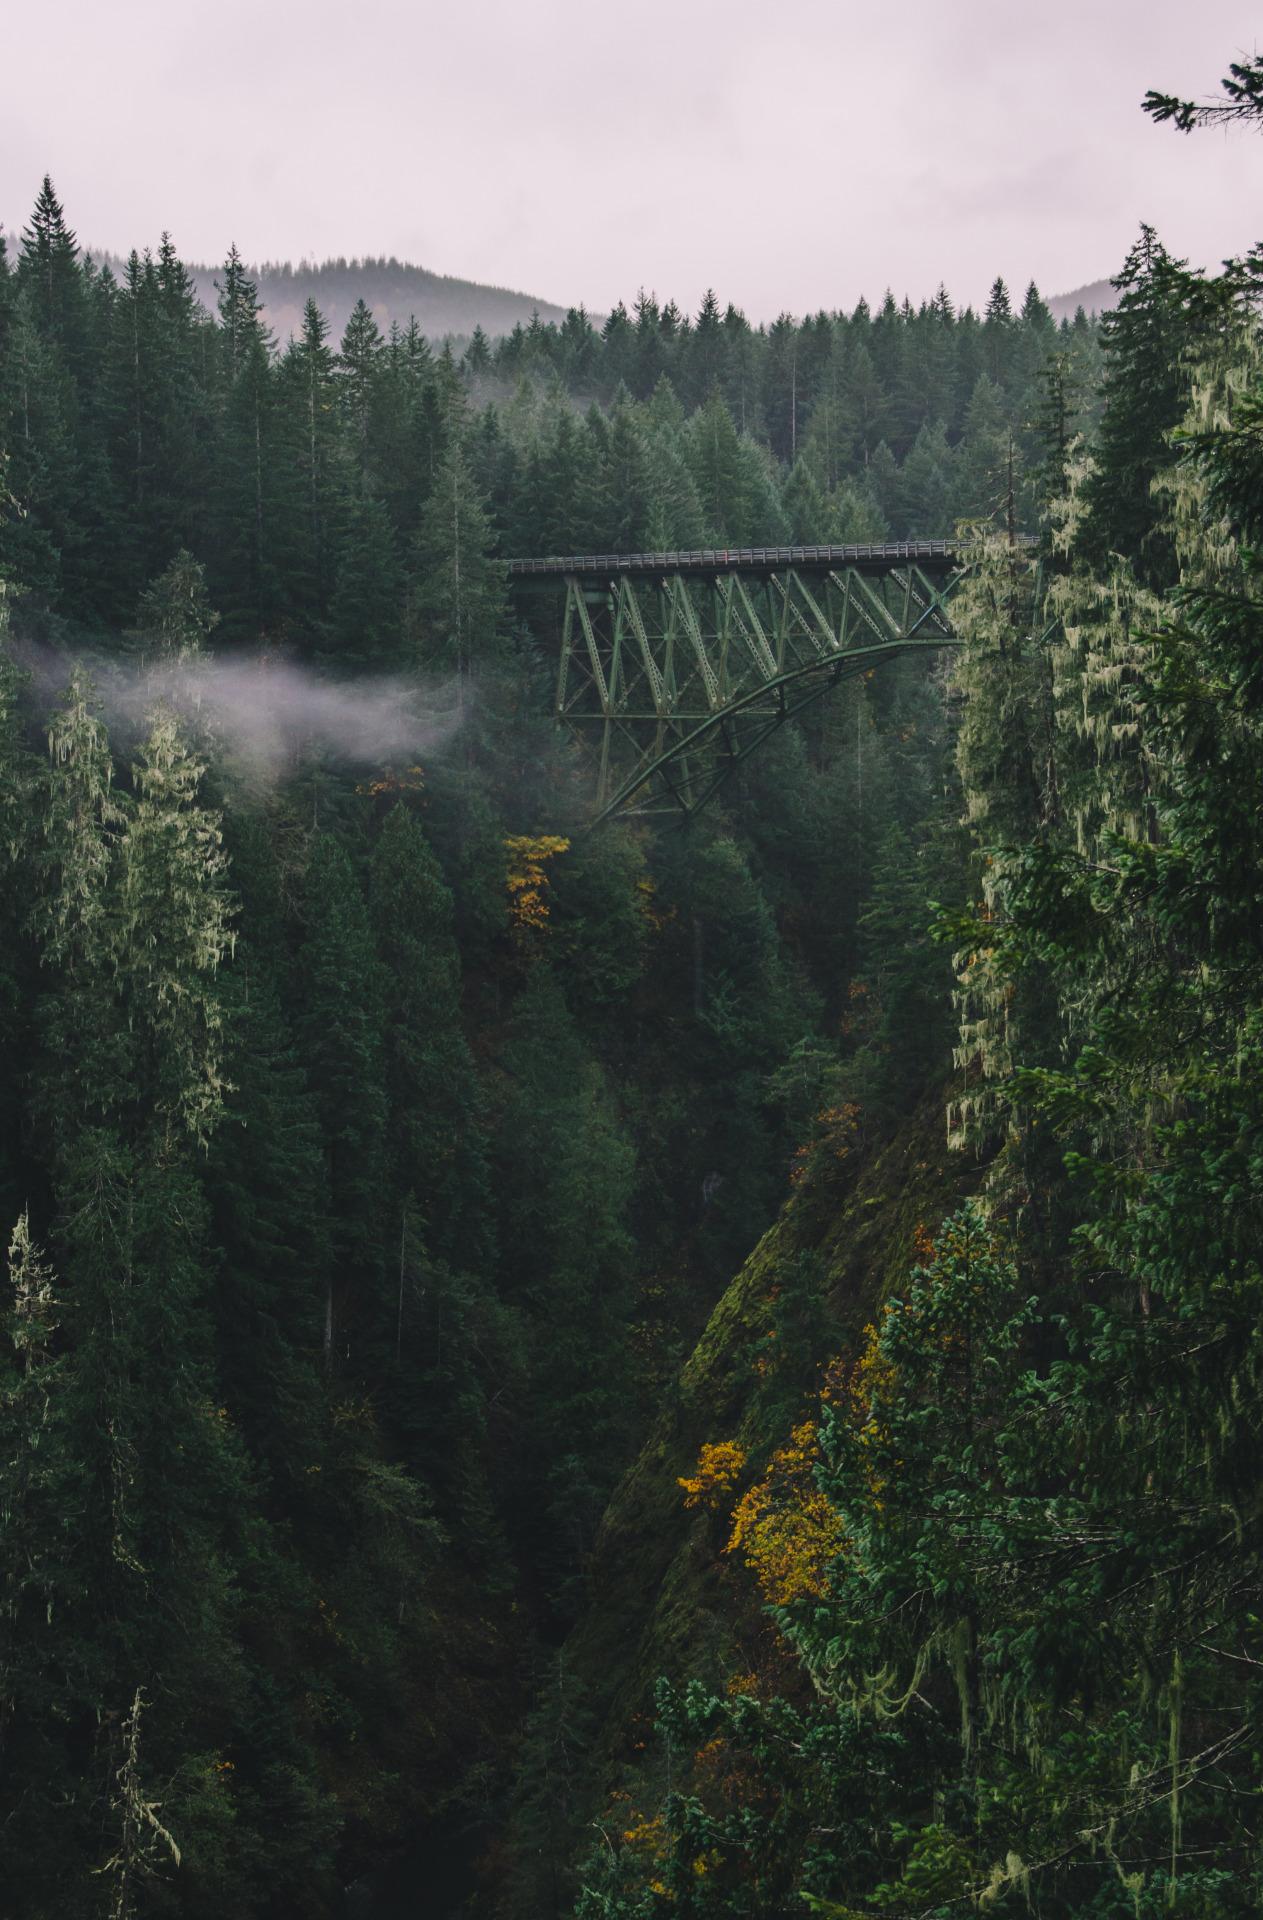 forest landscape valley river water mountain wilderness stream bridge tree